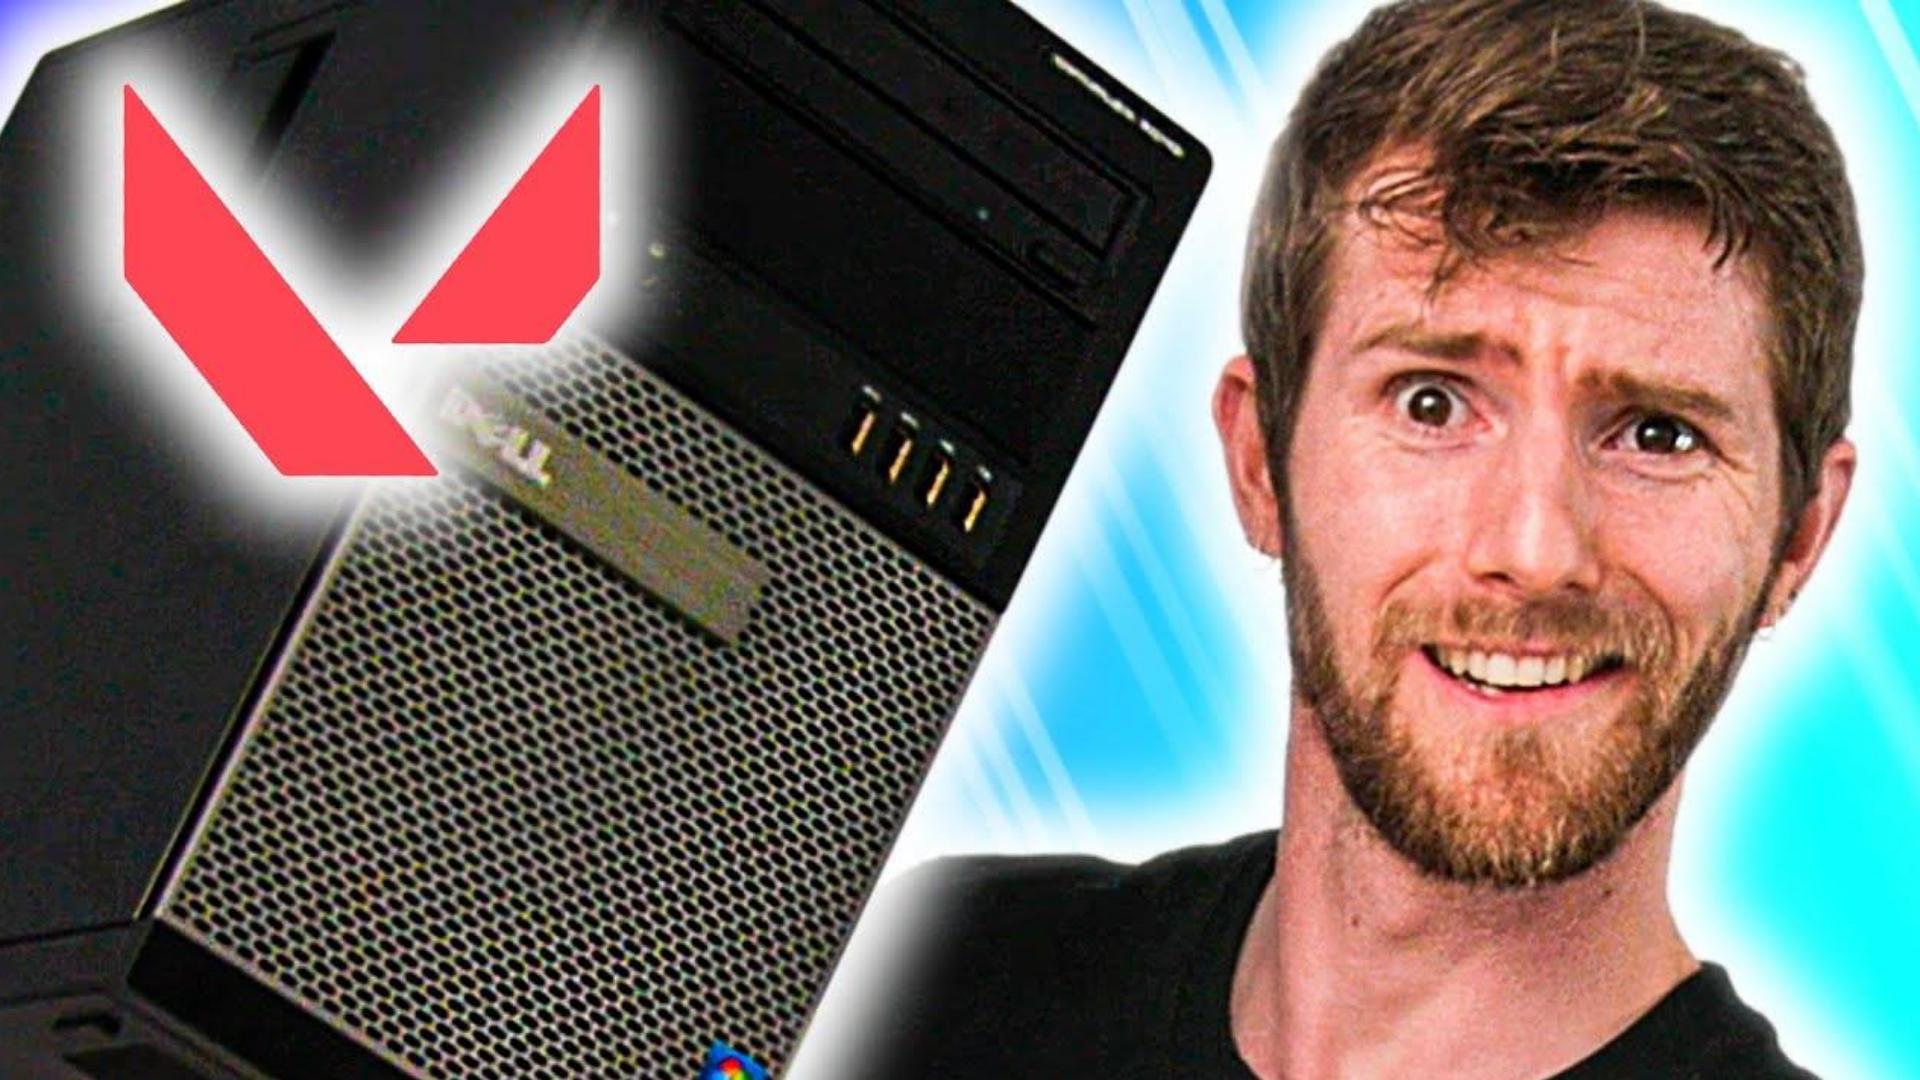 【官方双语】这竟然是台游戏电脑!?#linus谈科技